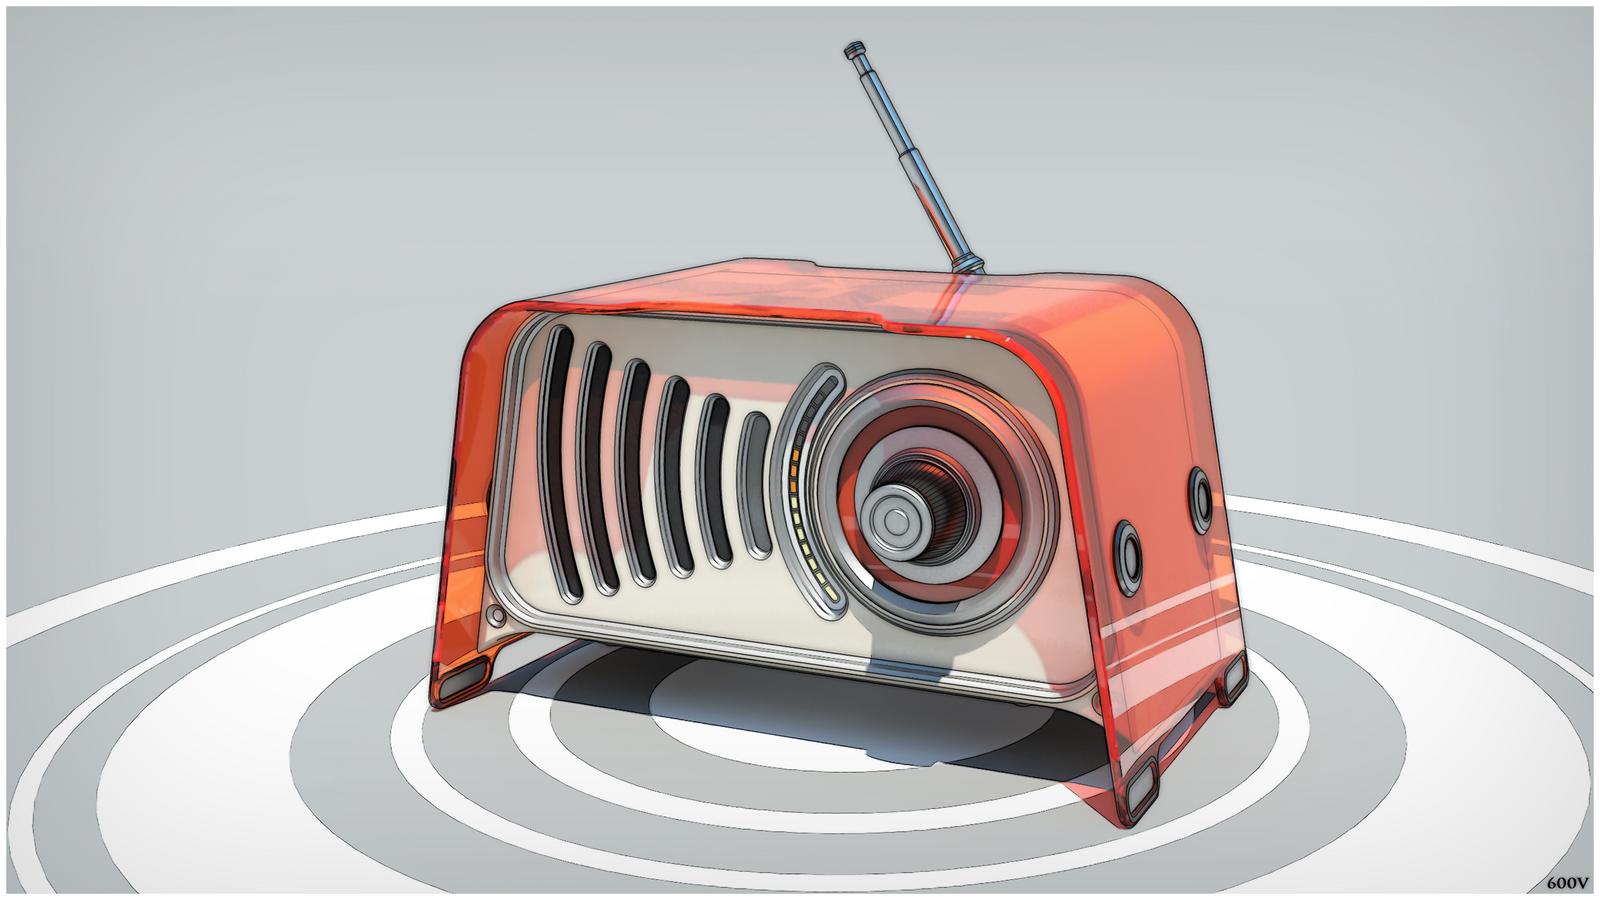 0400412 - radio by 600v